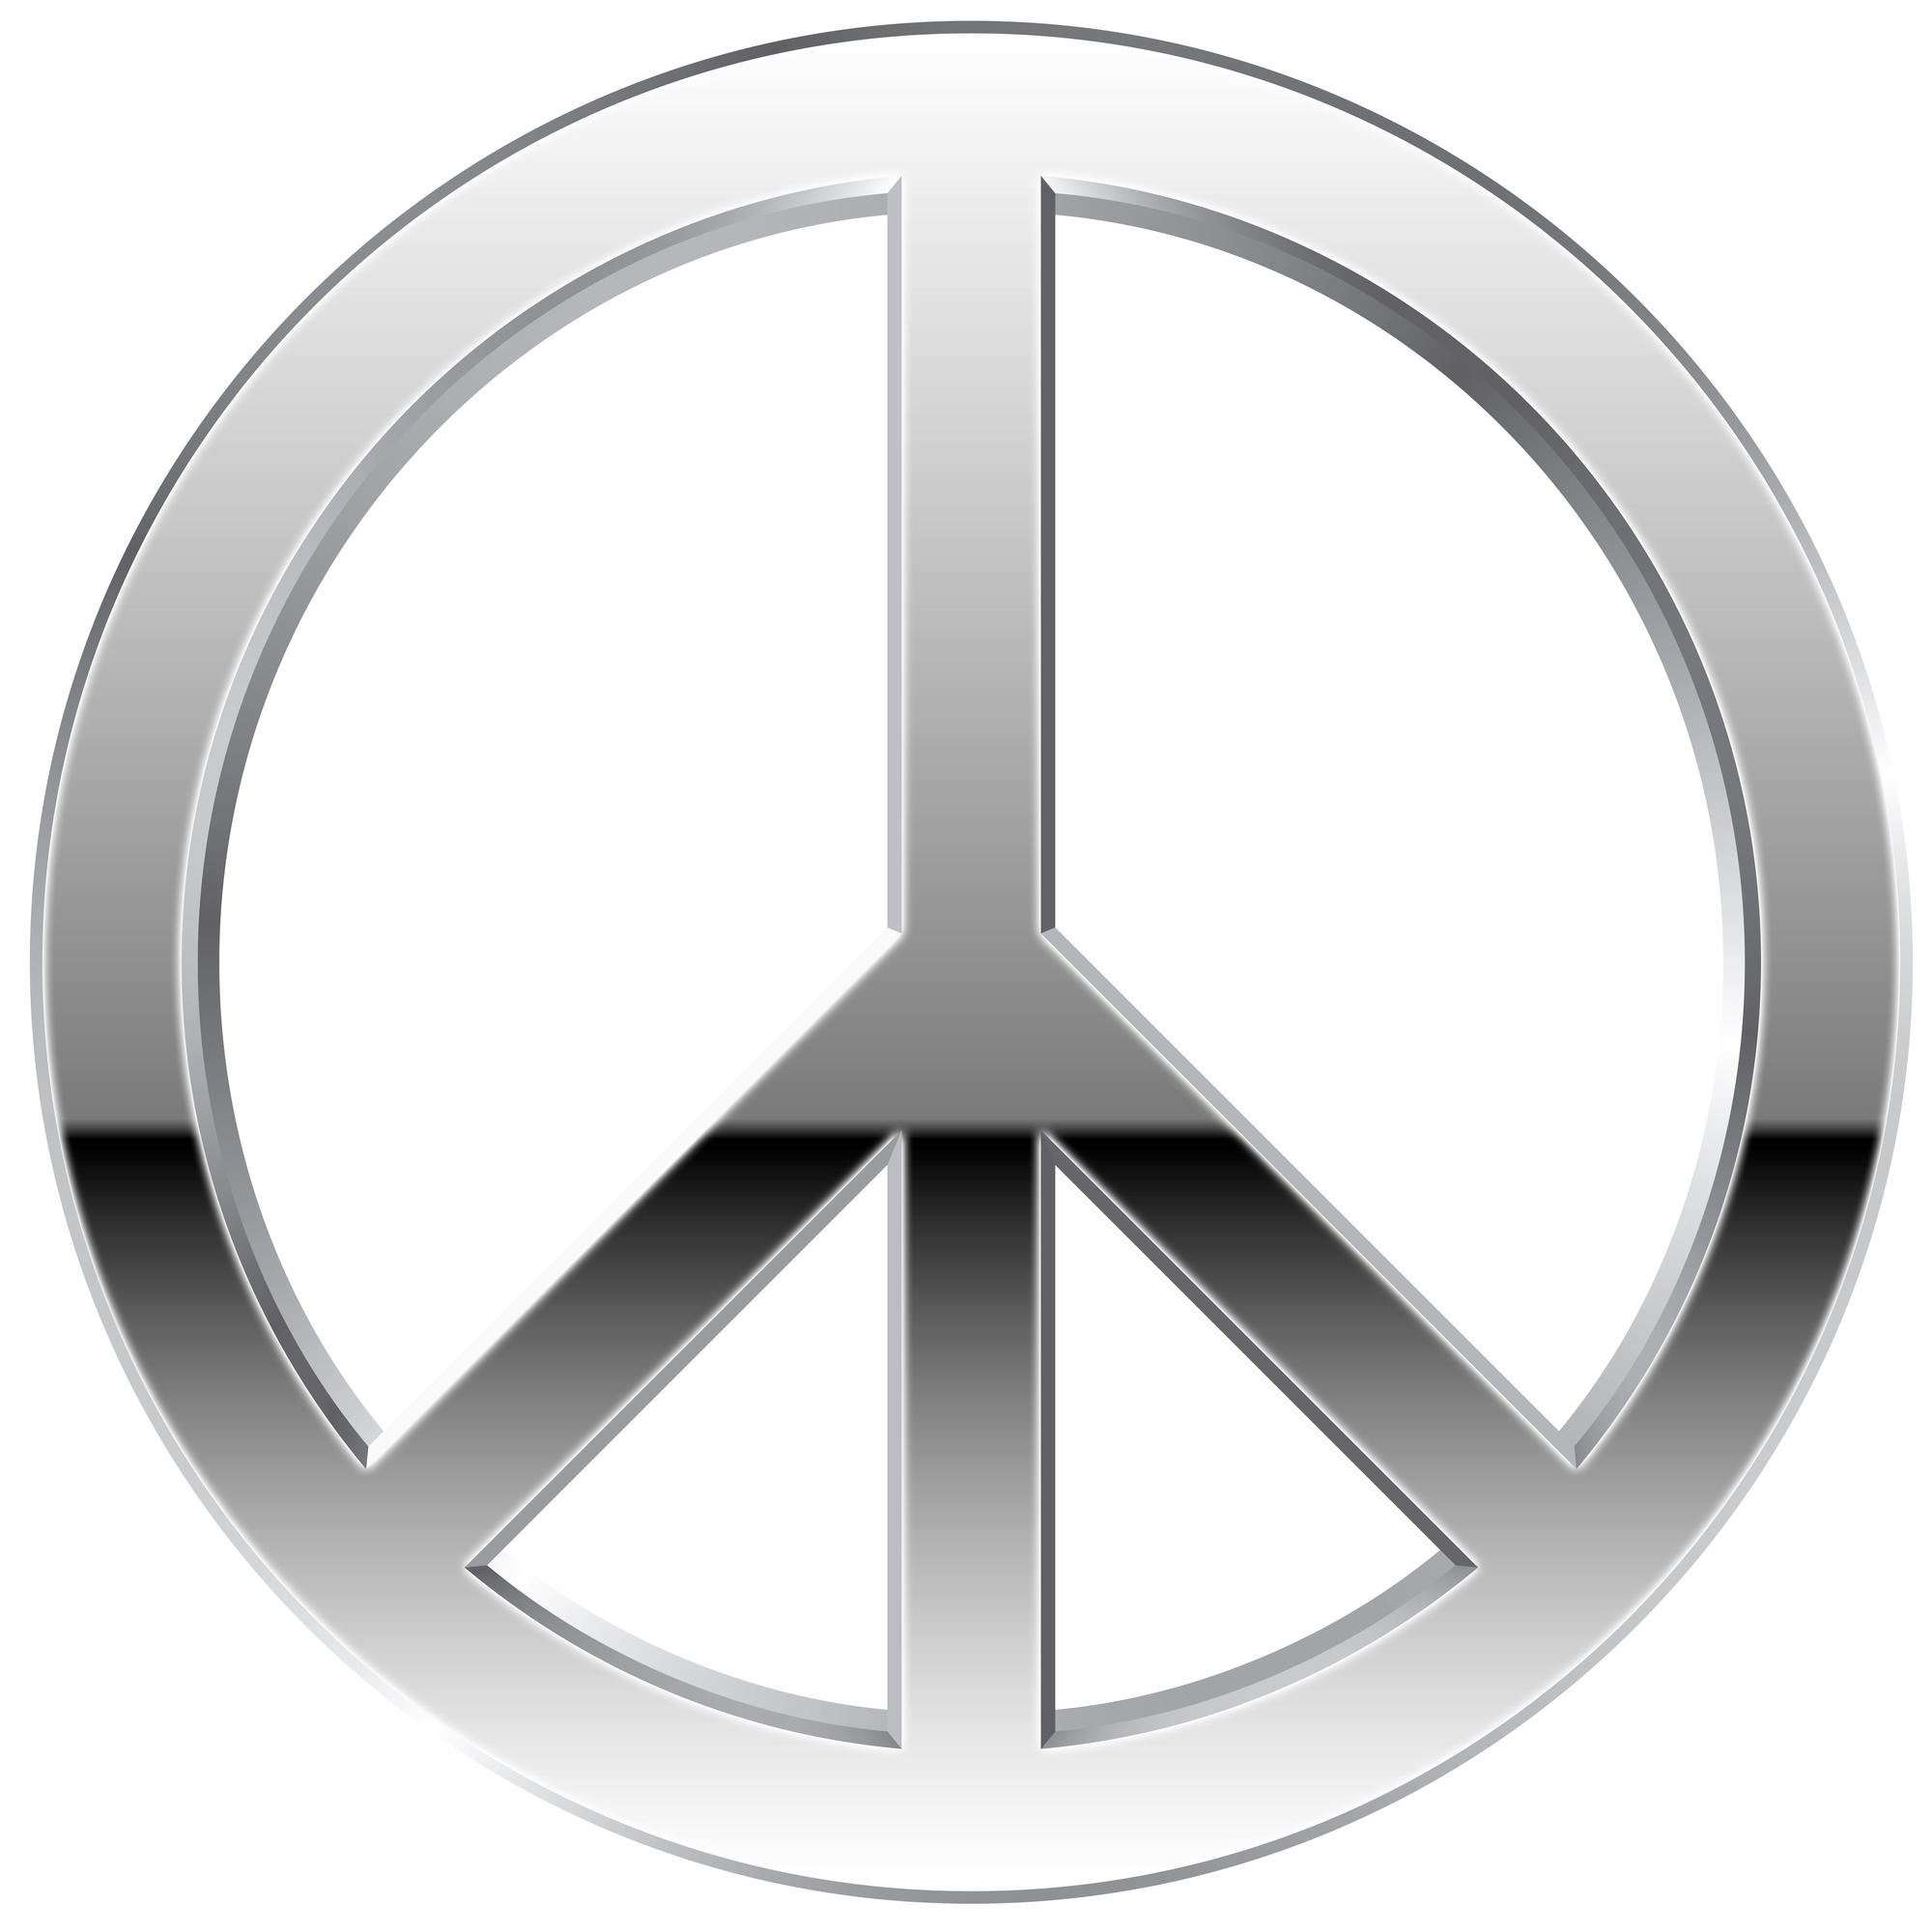 人類のカルマが終わるまで夜明けはこないのか?「平和のシンボル」が危ない事実とは?